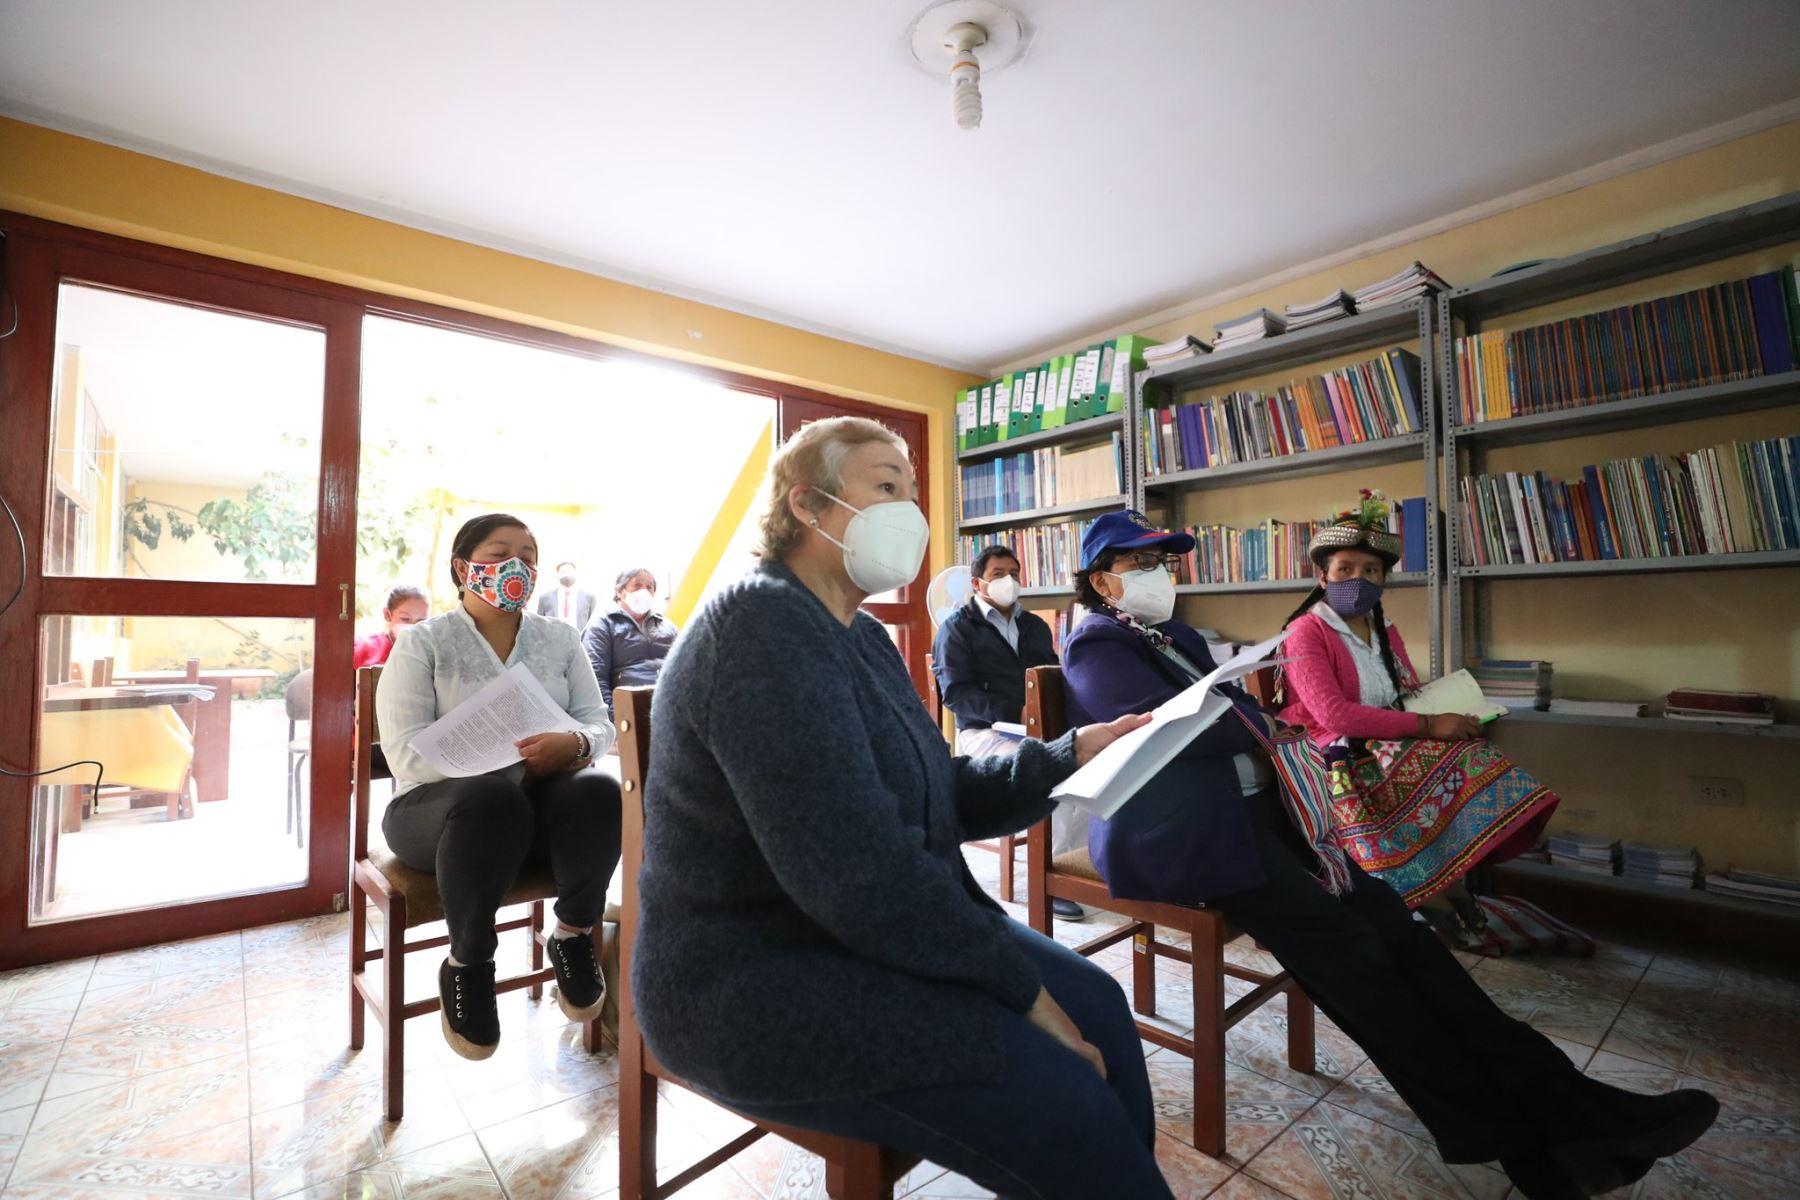 Para coordinar acciones en beneficio de las poblaciones vulnerables de la región ante el Covid-19, el premier Vicente Zeballos y la ministra de la Mujer, Gloria Montenegro, sostuvieron una reunión con los representantes de la Mesa de Concertación para la Lucha contra la Pobreza, en Ayacucho. Foto: ANDINA/PCM